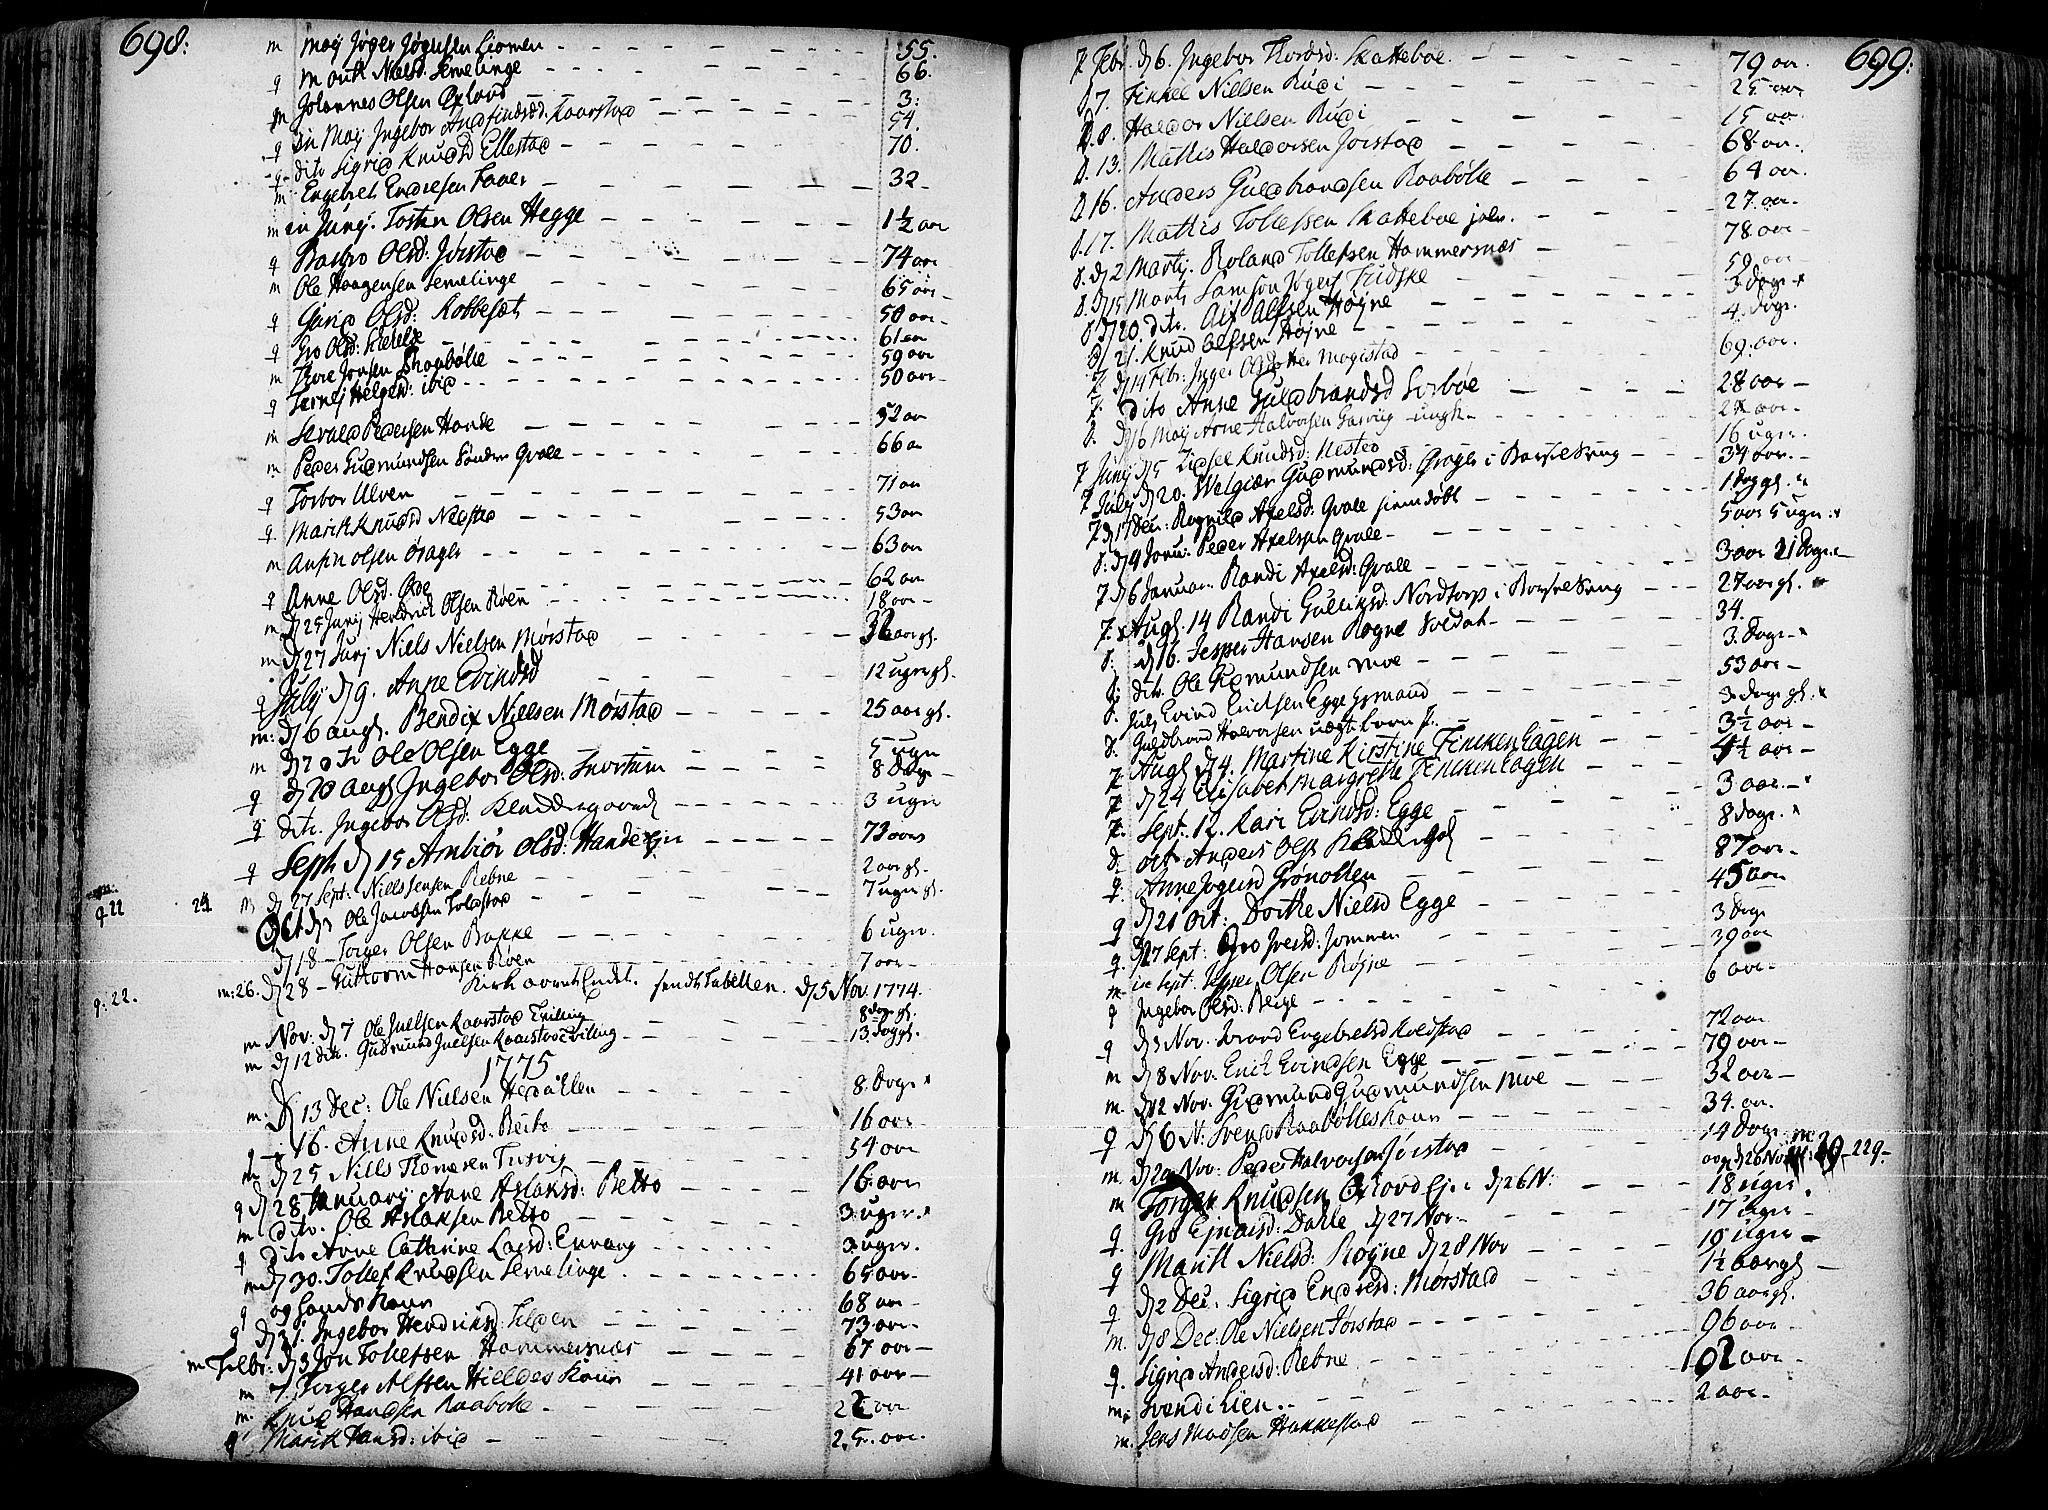 SAH, Slidre prestekontor, Ministerialbok nr. 1, 1724-1814, s. 698-699